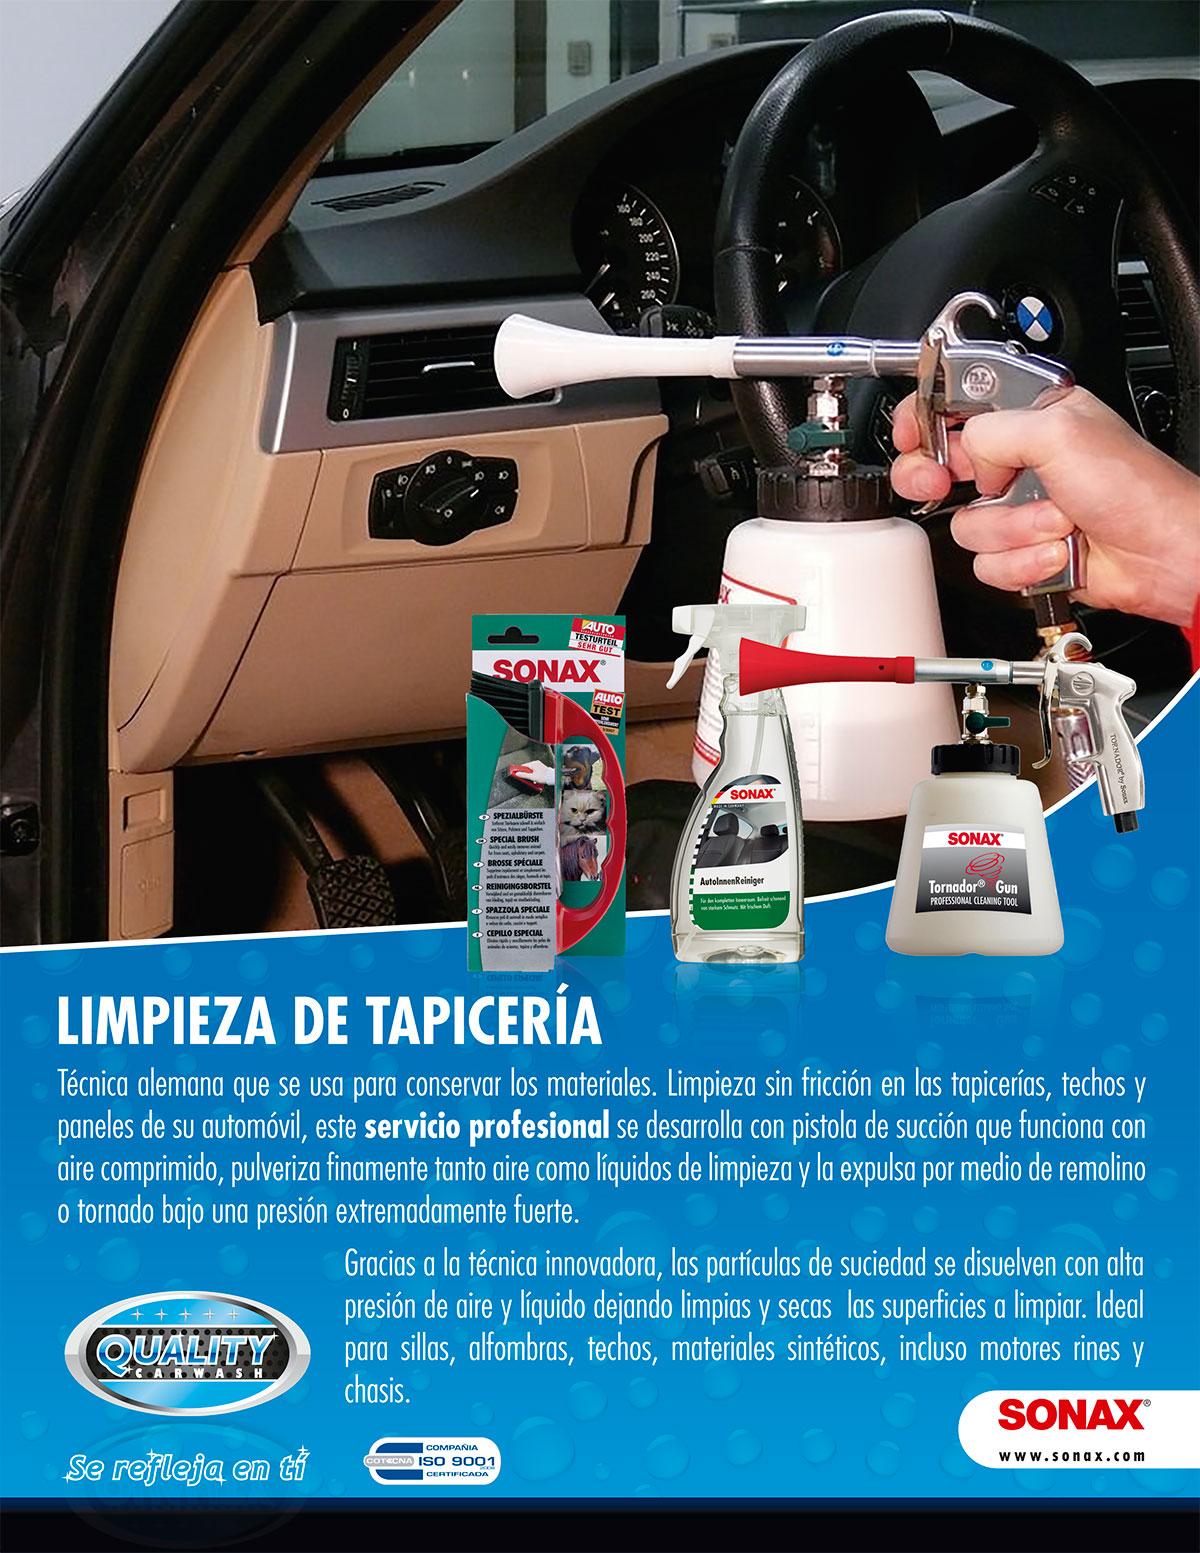 limpieza_tapiceria_cr